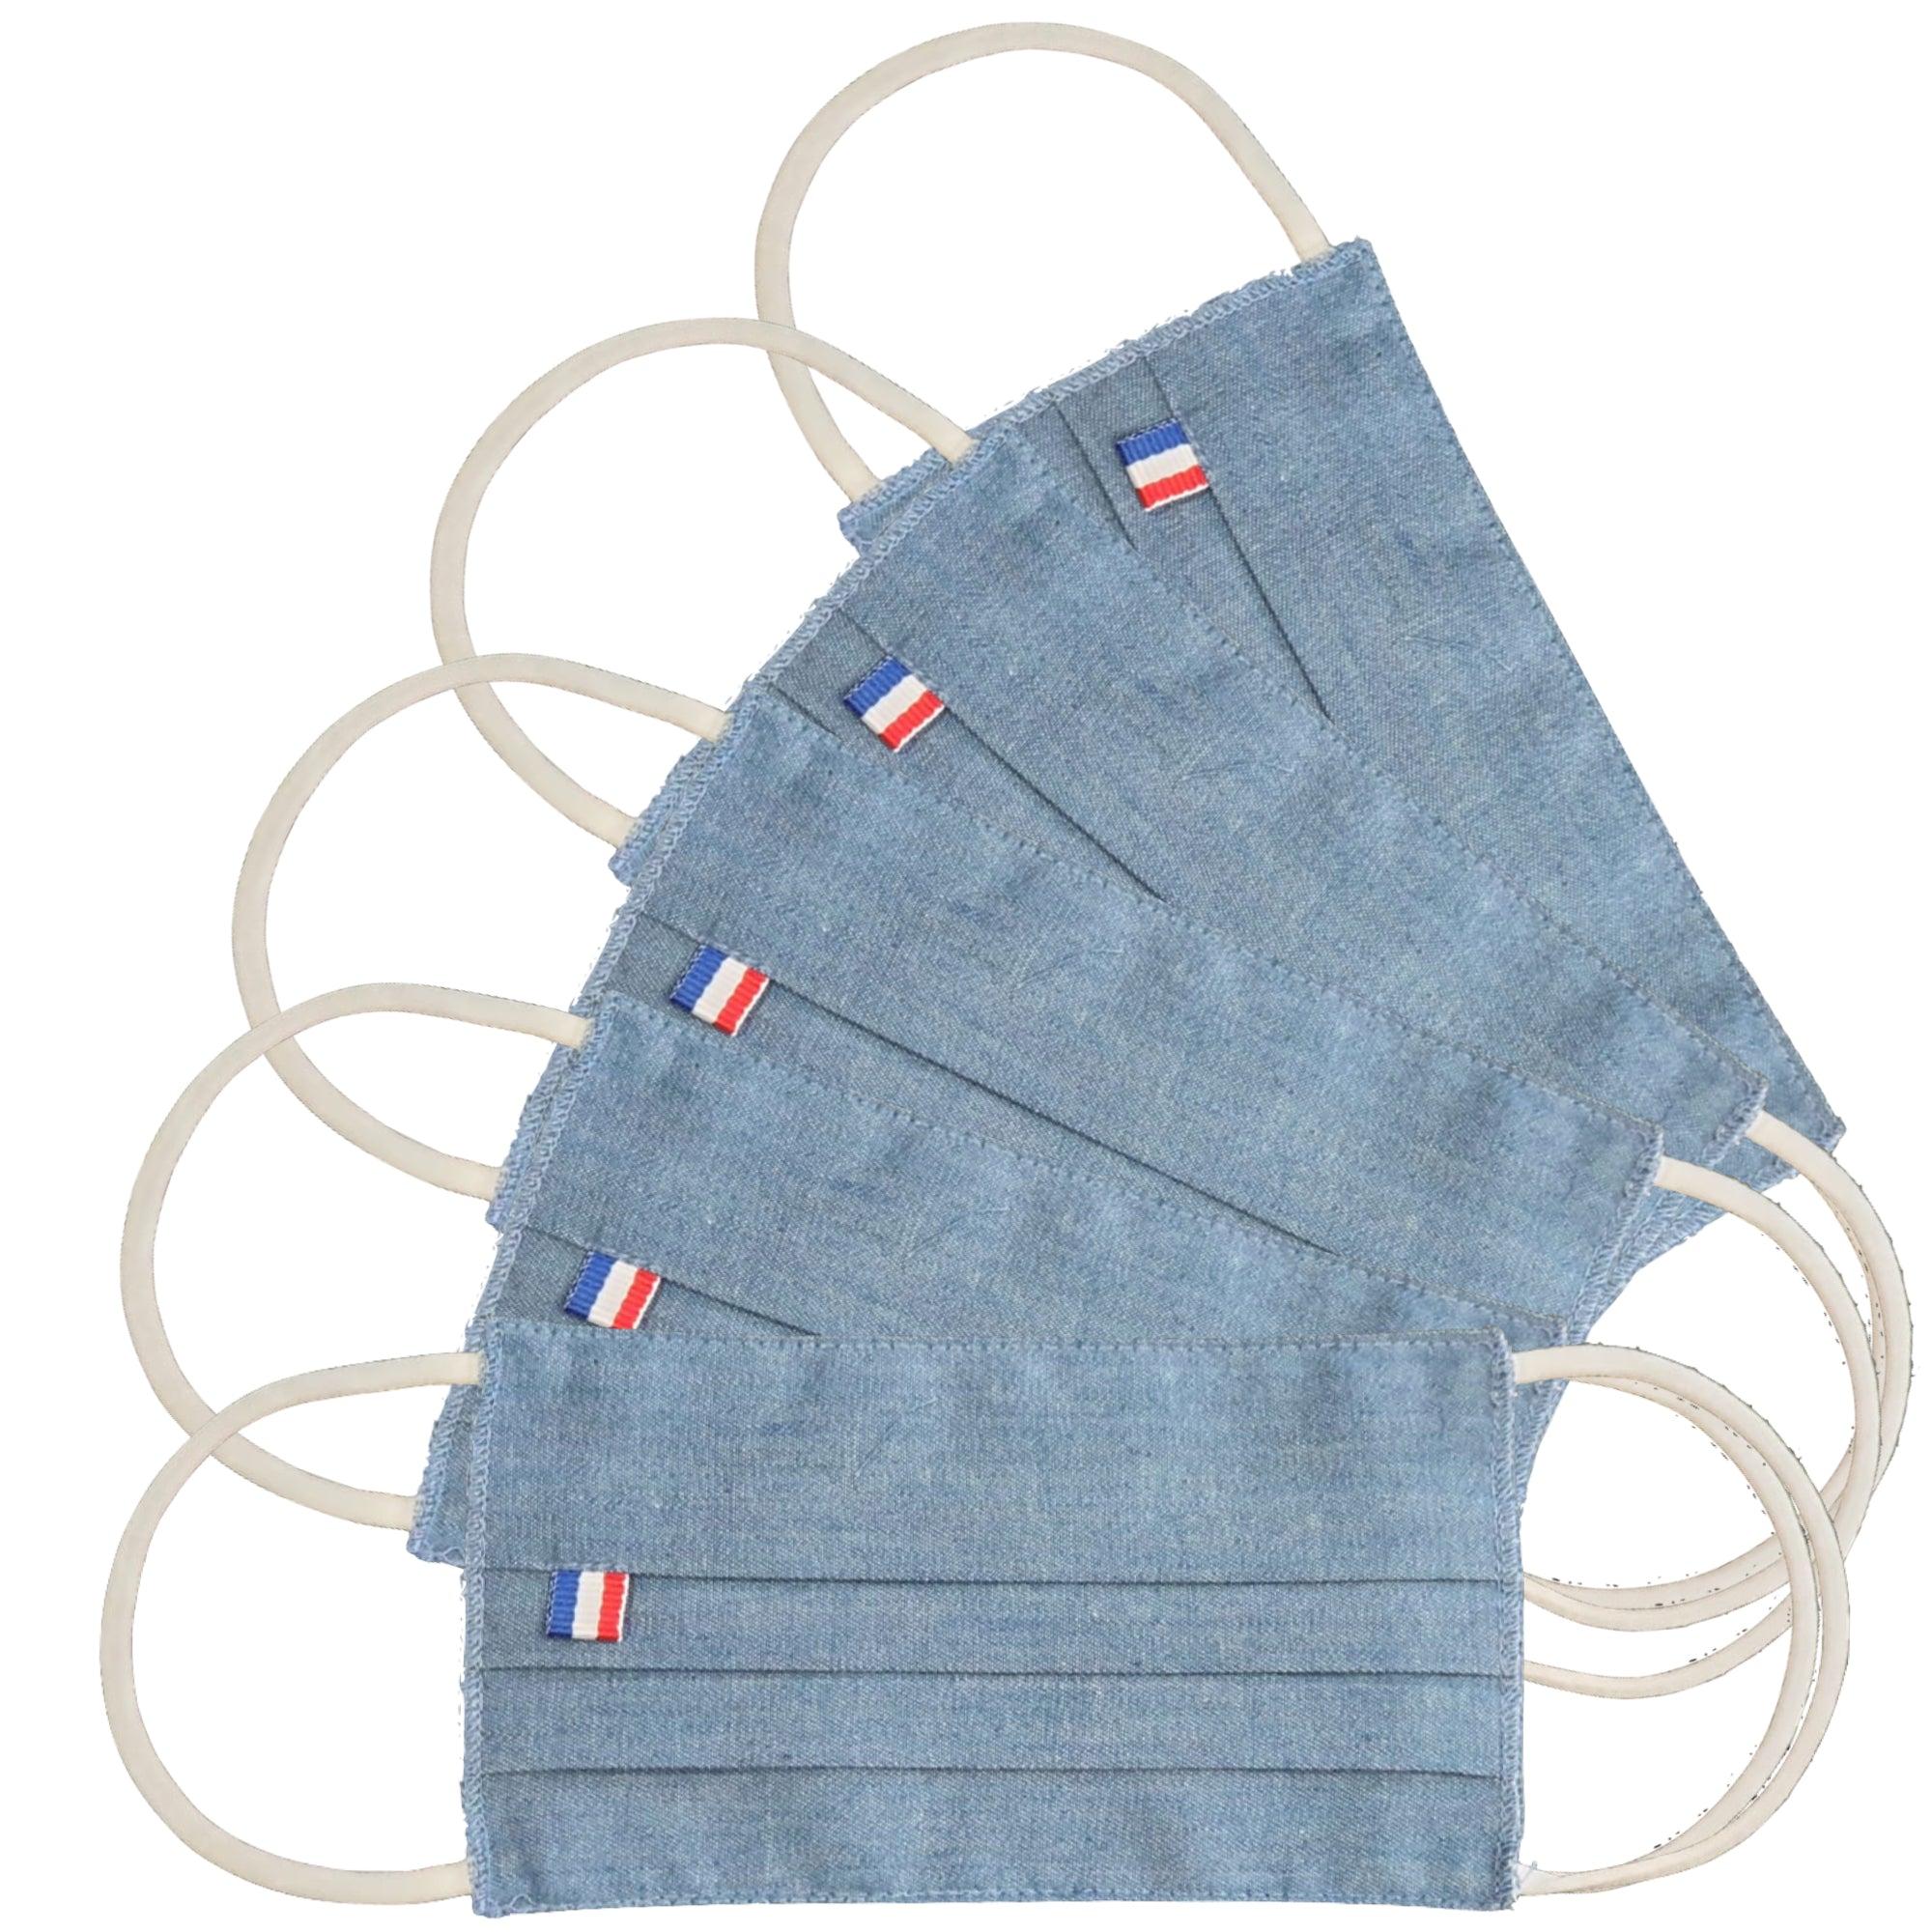 MASQUES DIRECT 5 Masques pour enfants 3 plis en tissu lavable réutilisable bleu jean - Testé 10 lavages